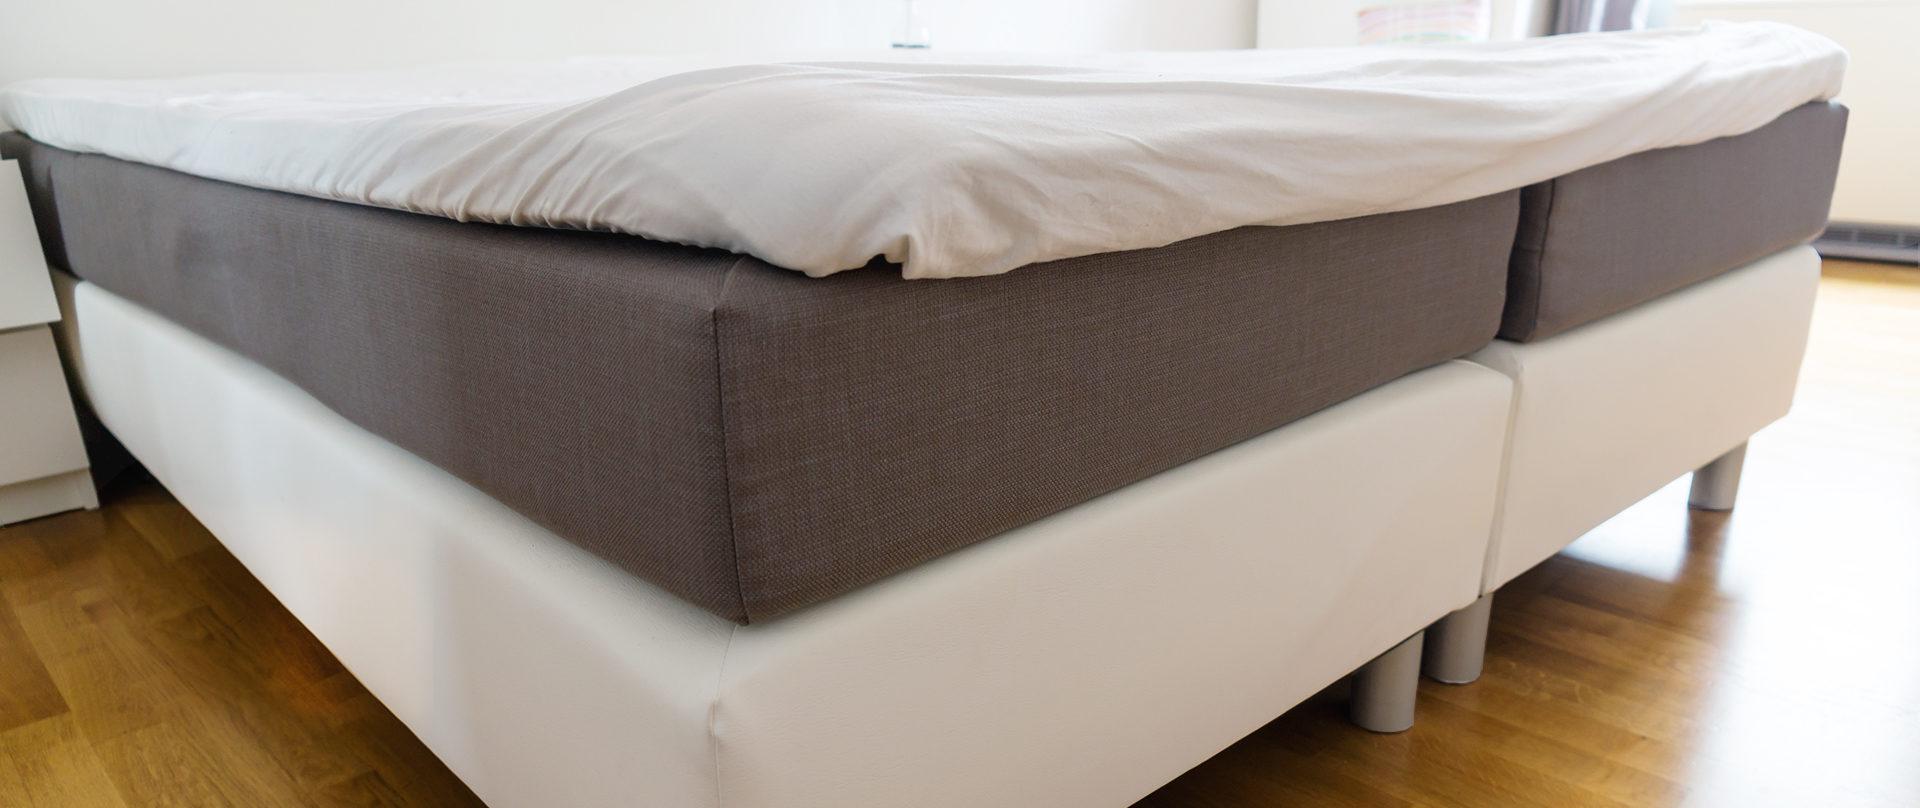 Erholsamer Schlaf mit Boxspringbetten - Zuhause bei SAM®